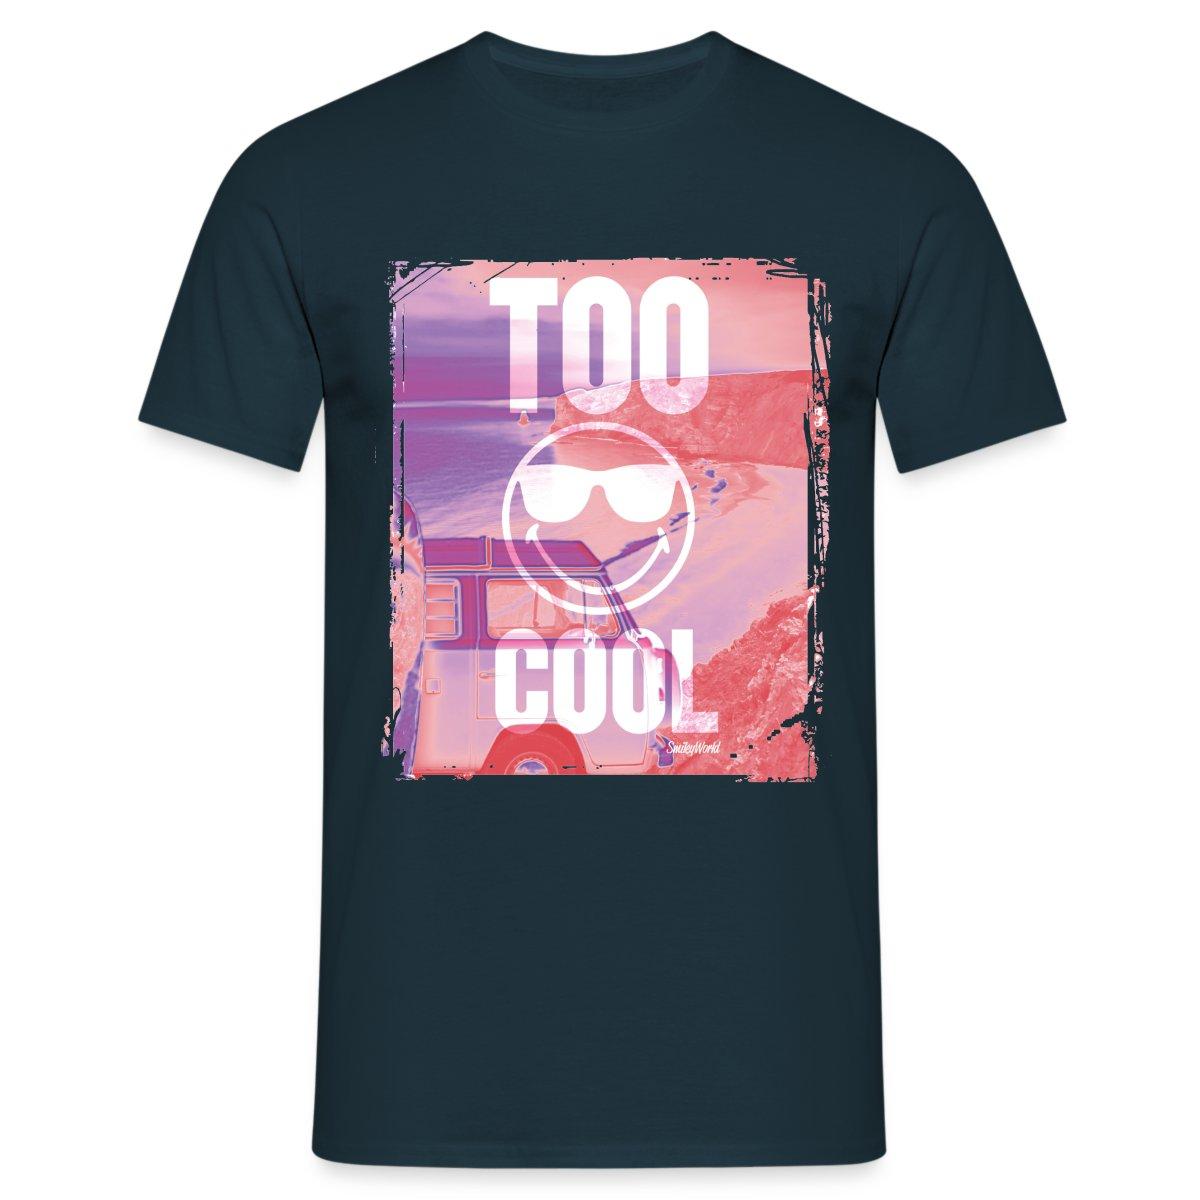 Smiley-World-Too-Cool-Maenner-T-Shirt-von-Spreadshirt